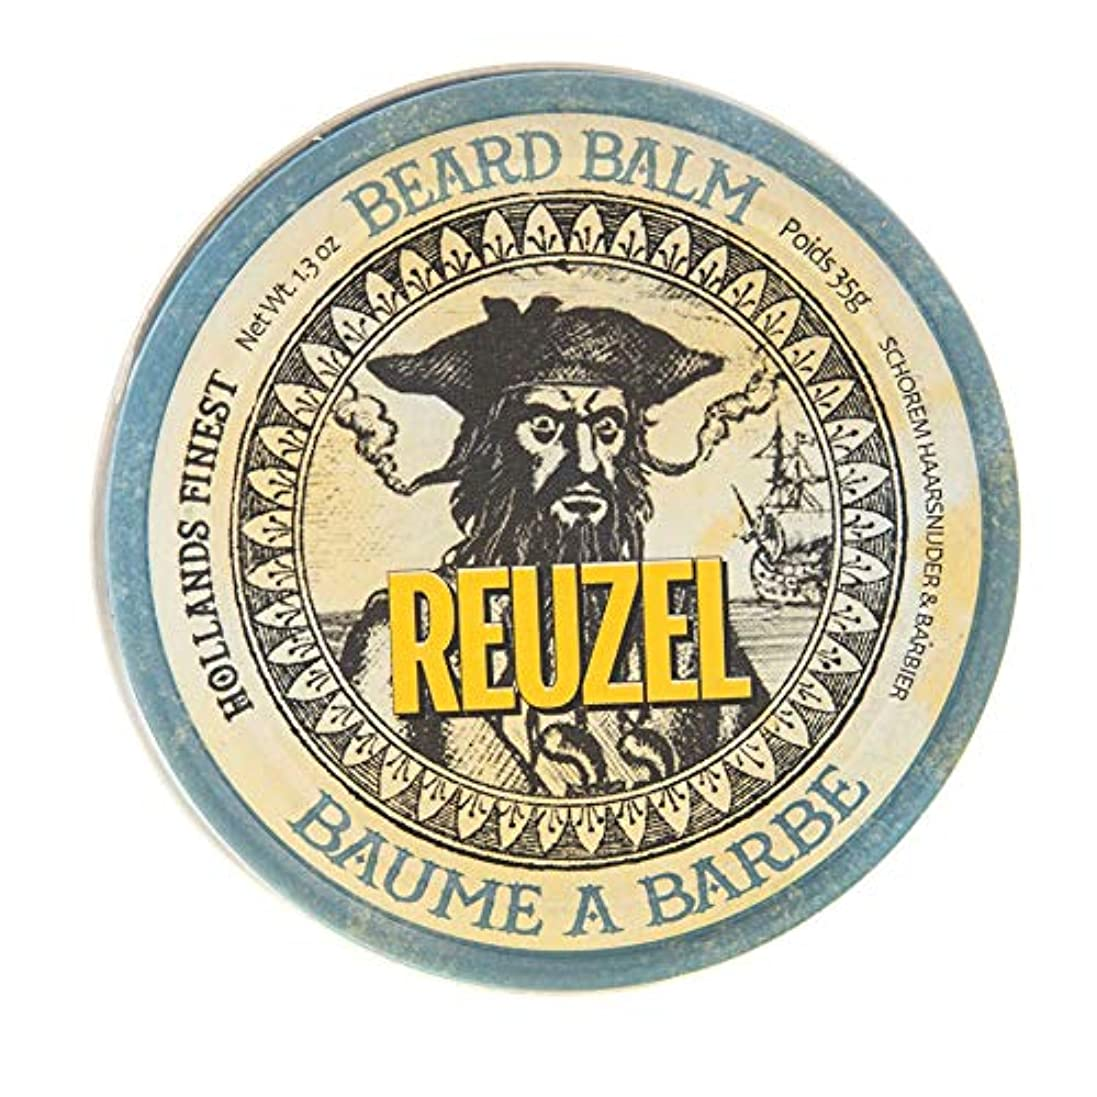 導入する貫入環境ルーゾー ビアード バーム Reuzel Beard Balm 35 g [並行輸入品]